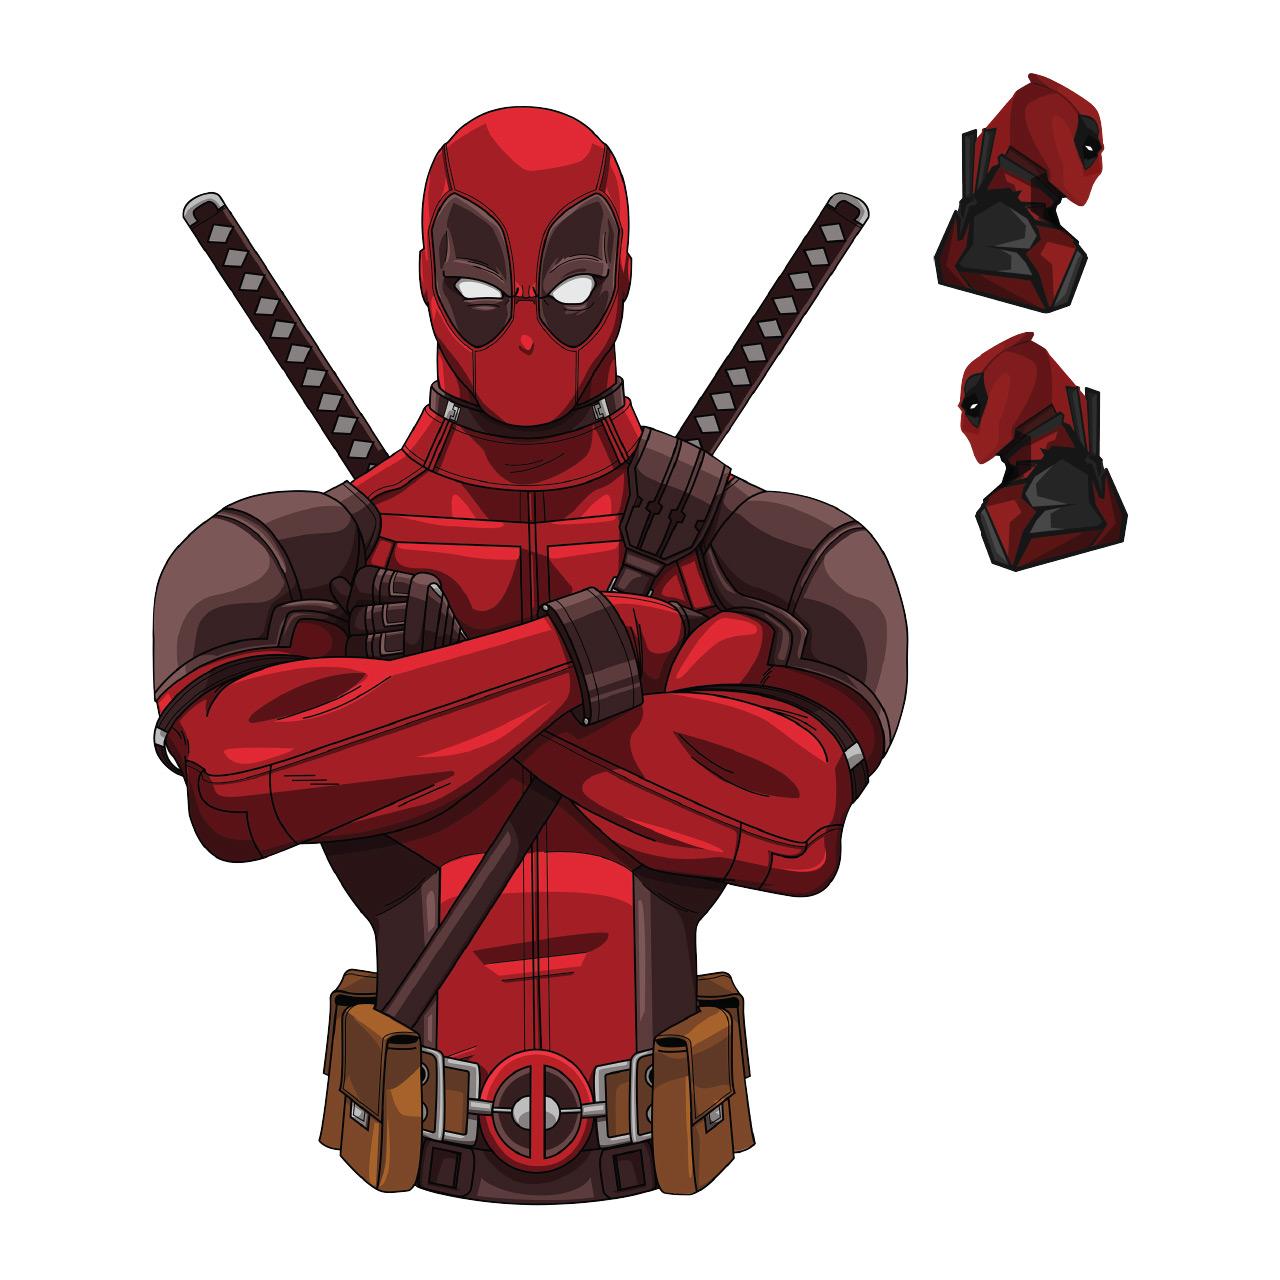 برچسب پلی استیشن ۴ طرح Deadpool-02 مجموعه ۳ عددی